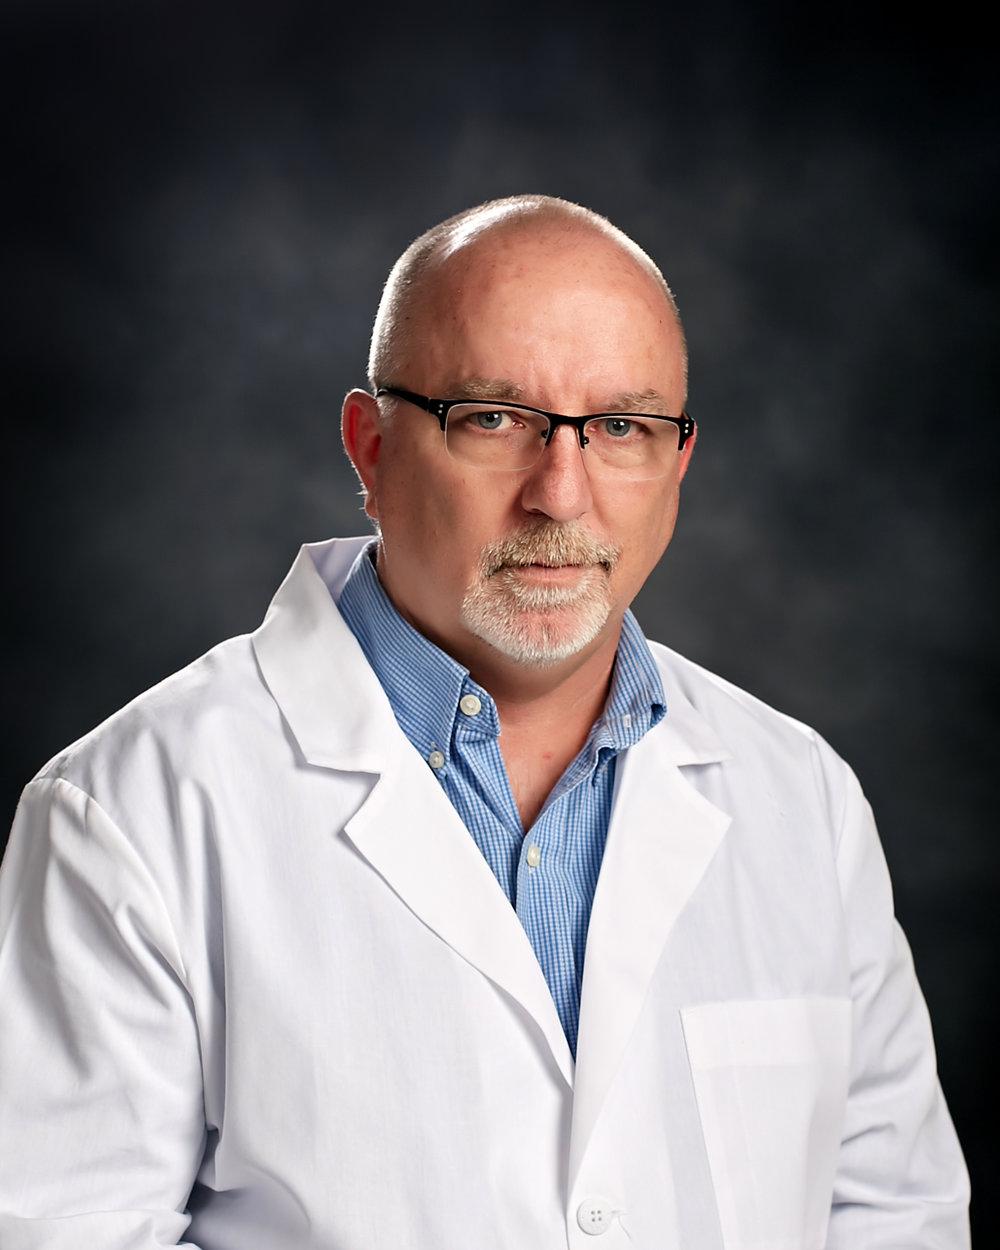 Dr. John Loudermilk.jpg